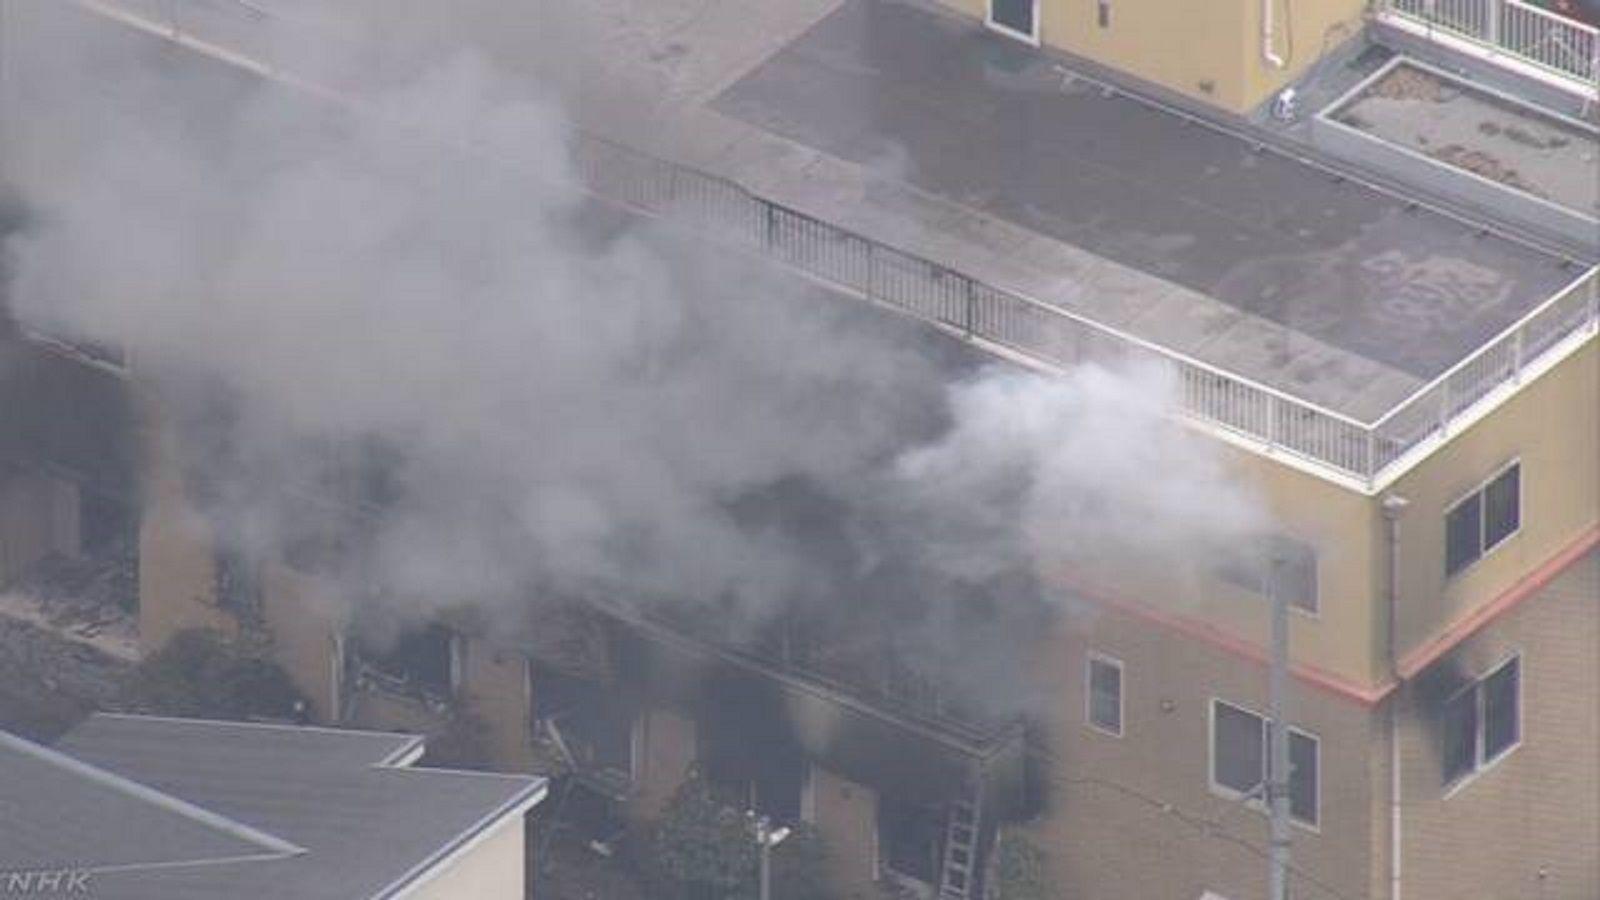 El humo se propagó en un edificio de tres plantas.